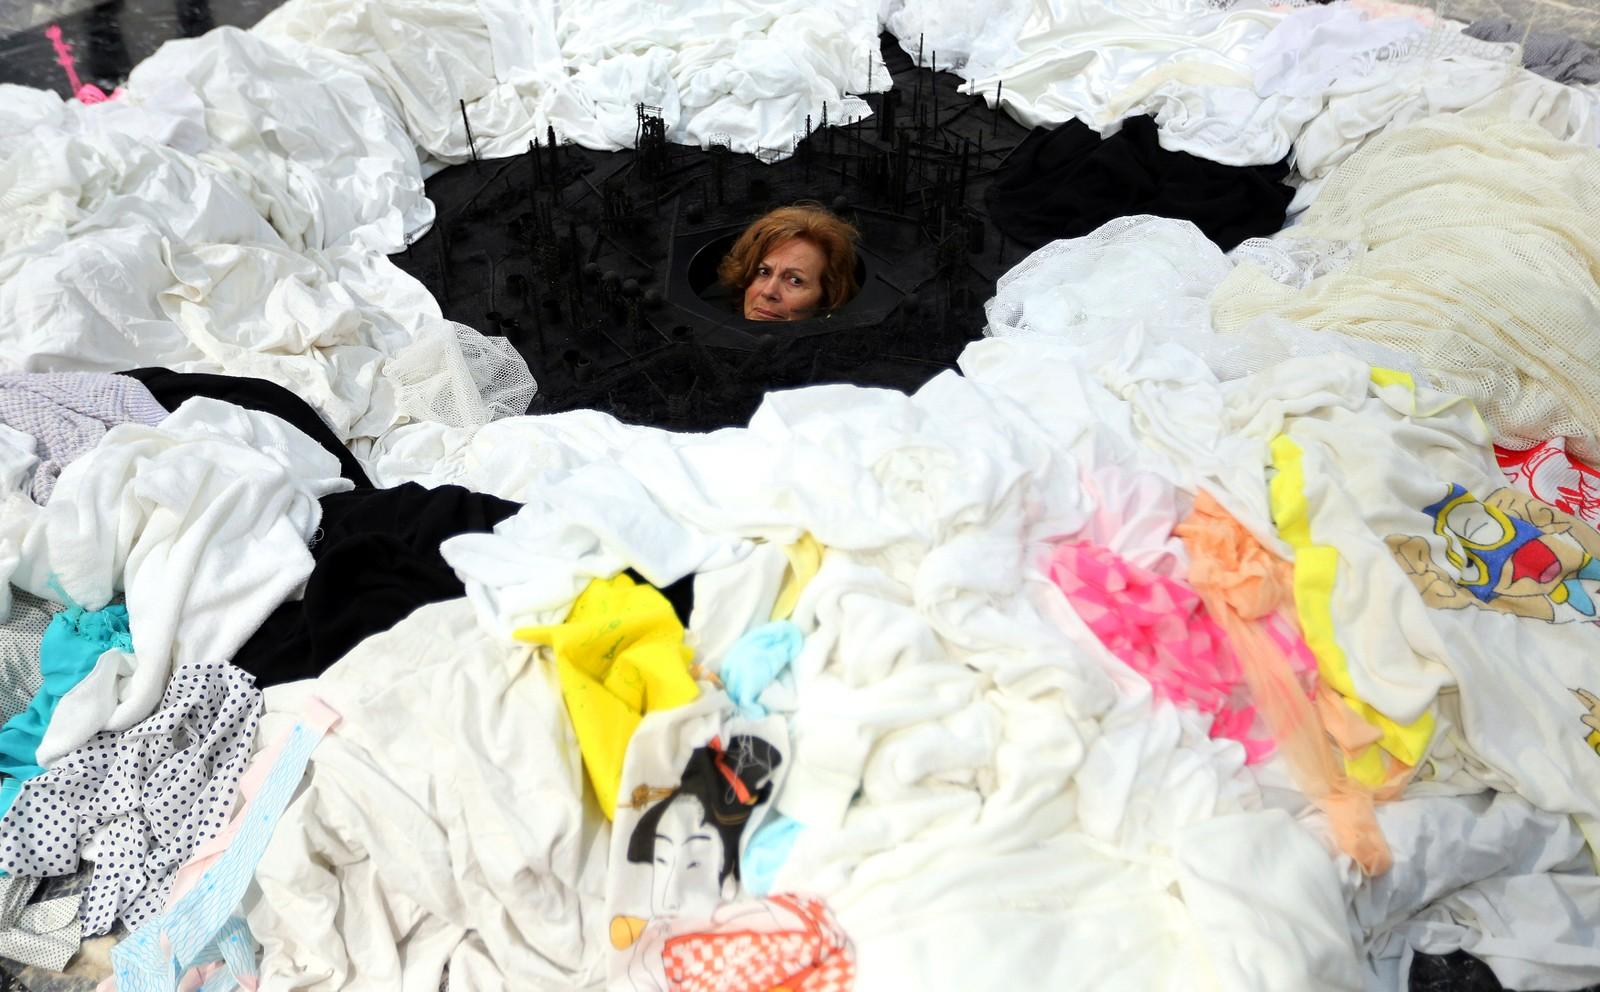 """En kvinne besøker installasjonen """"Out of Disorder"""" laget av Takahiro Iwasaki i den japanske paviljongen under Venezia-biennalen i Italia."""